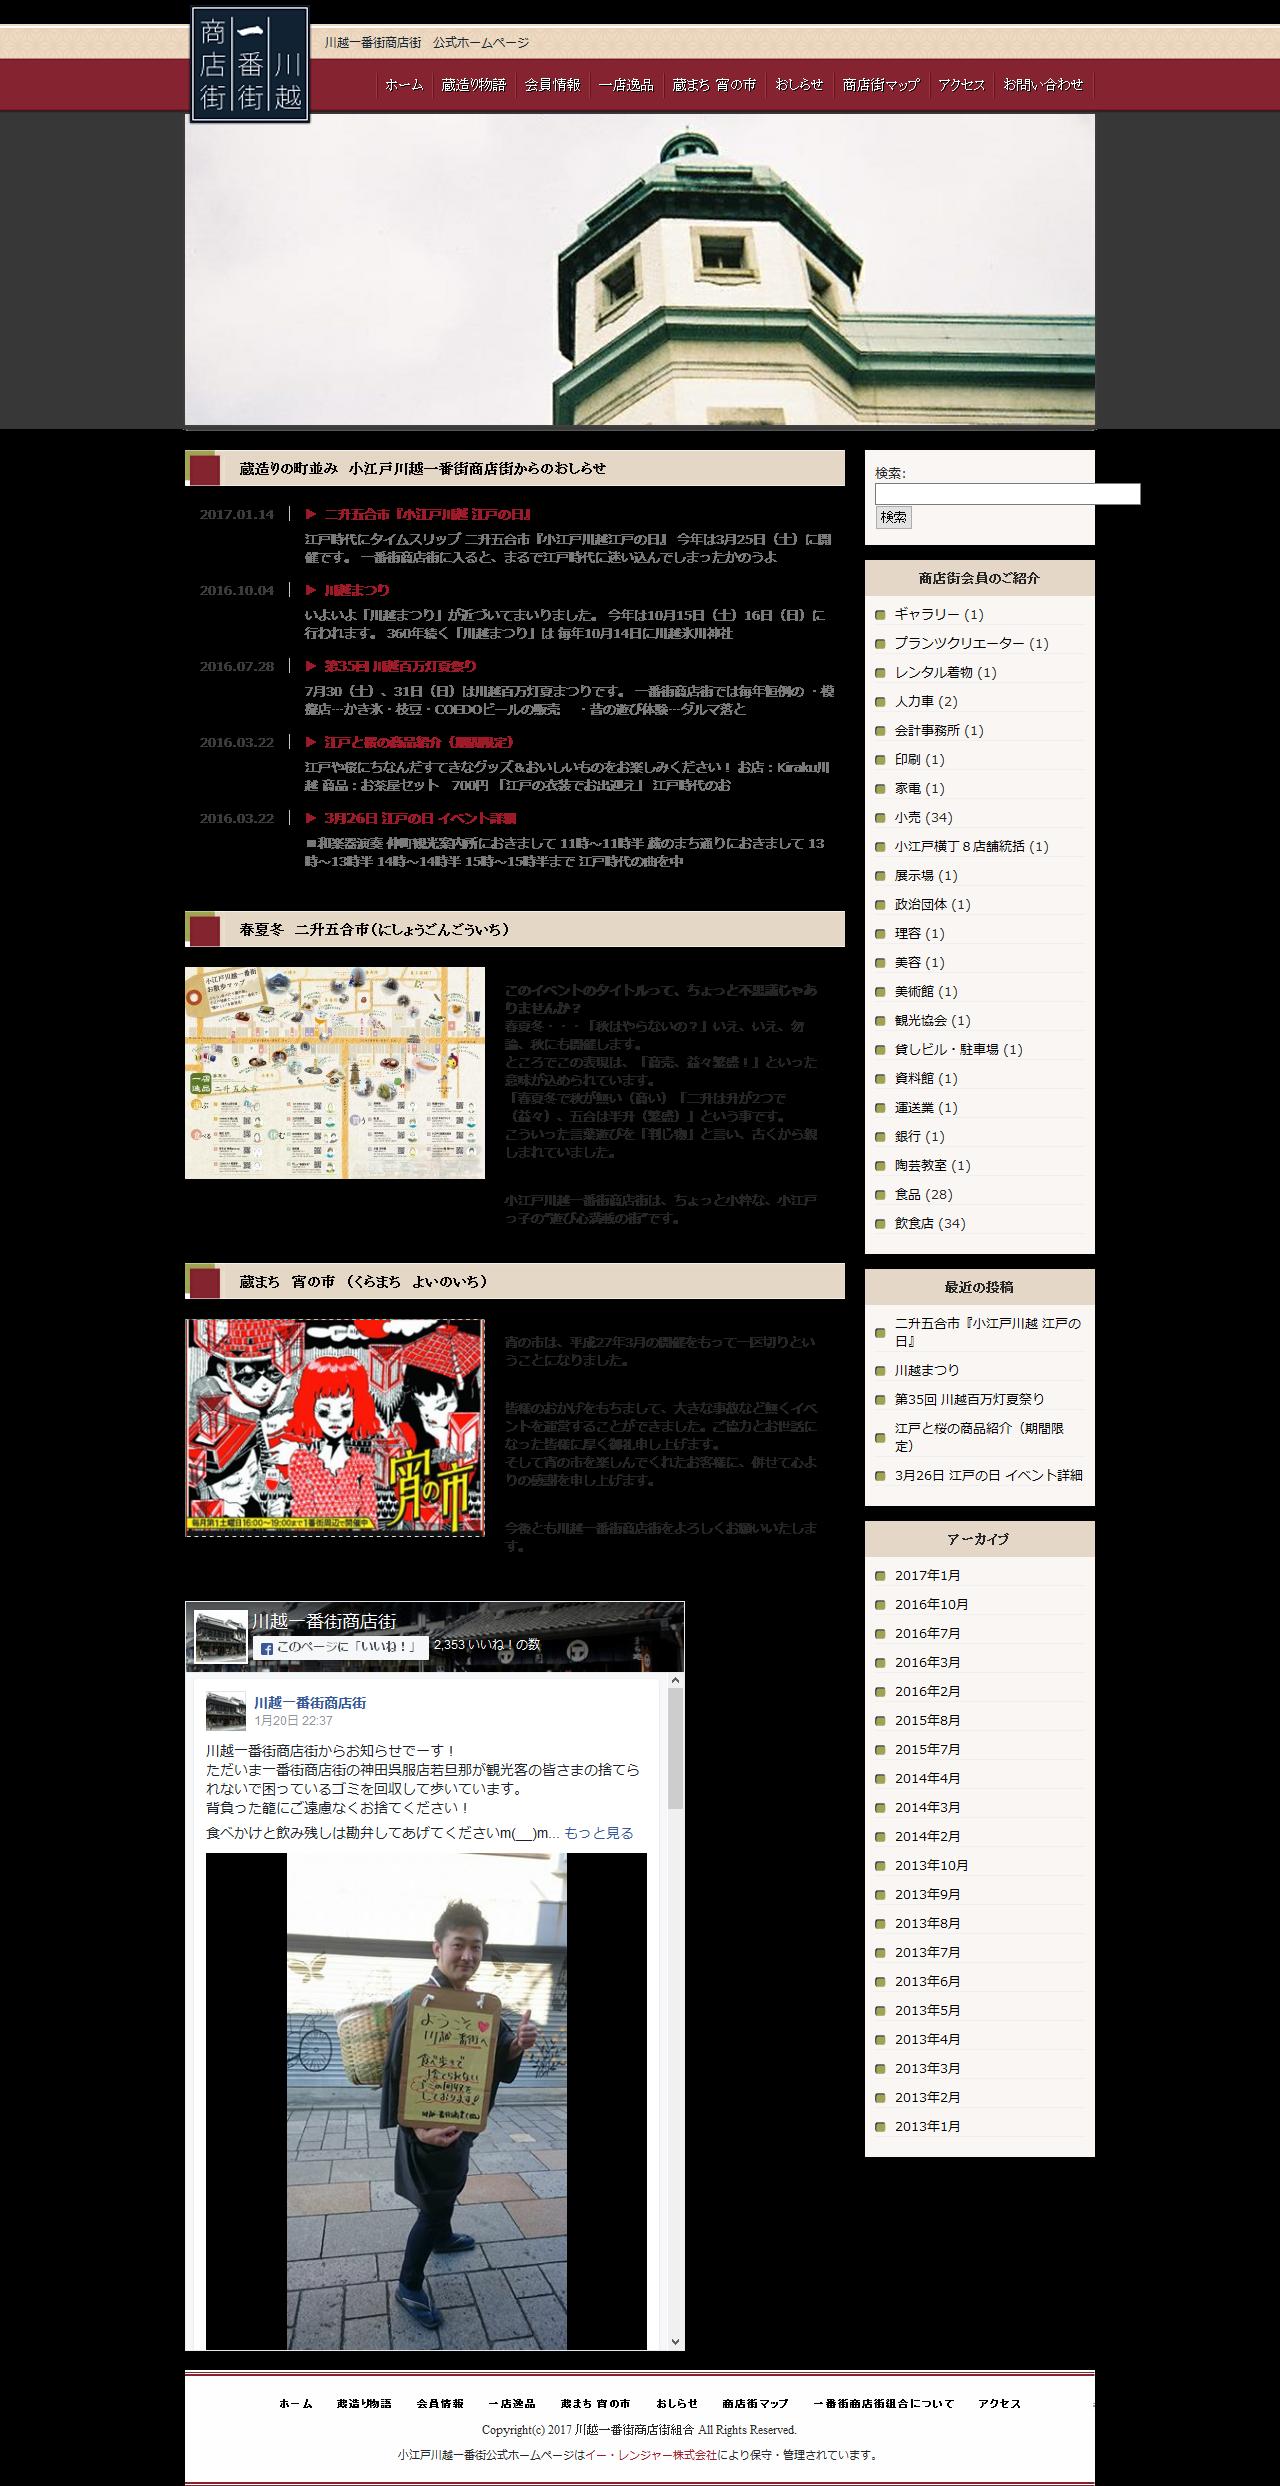 川越市一番街商店街様公式ホームページ